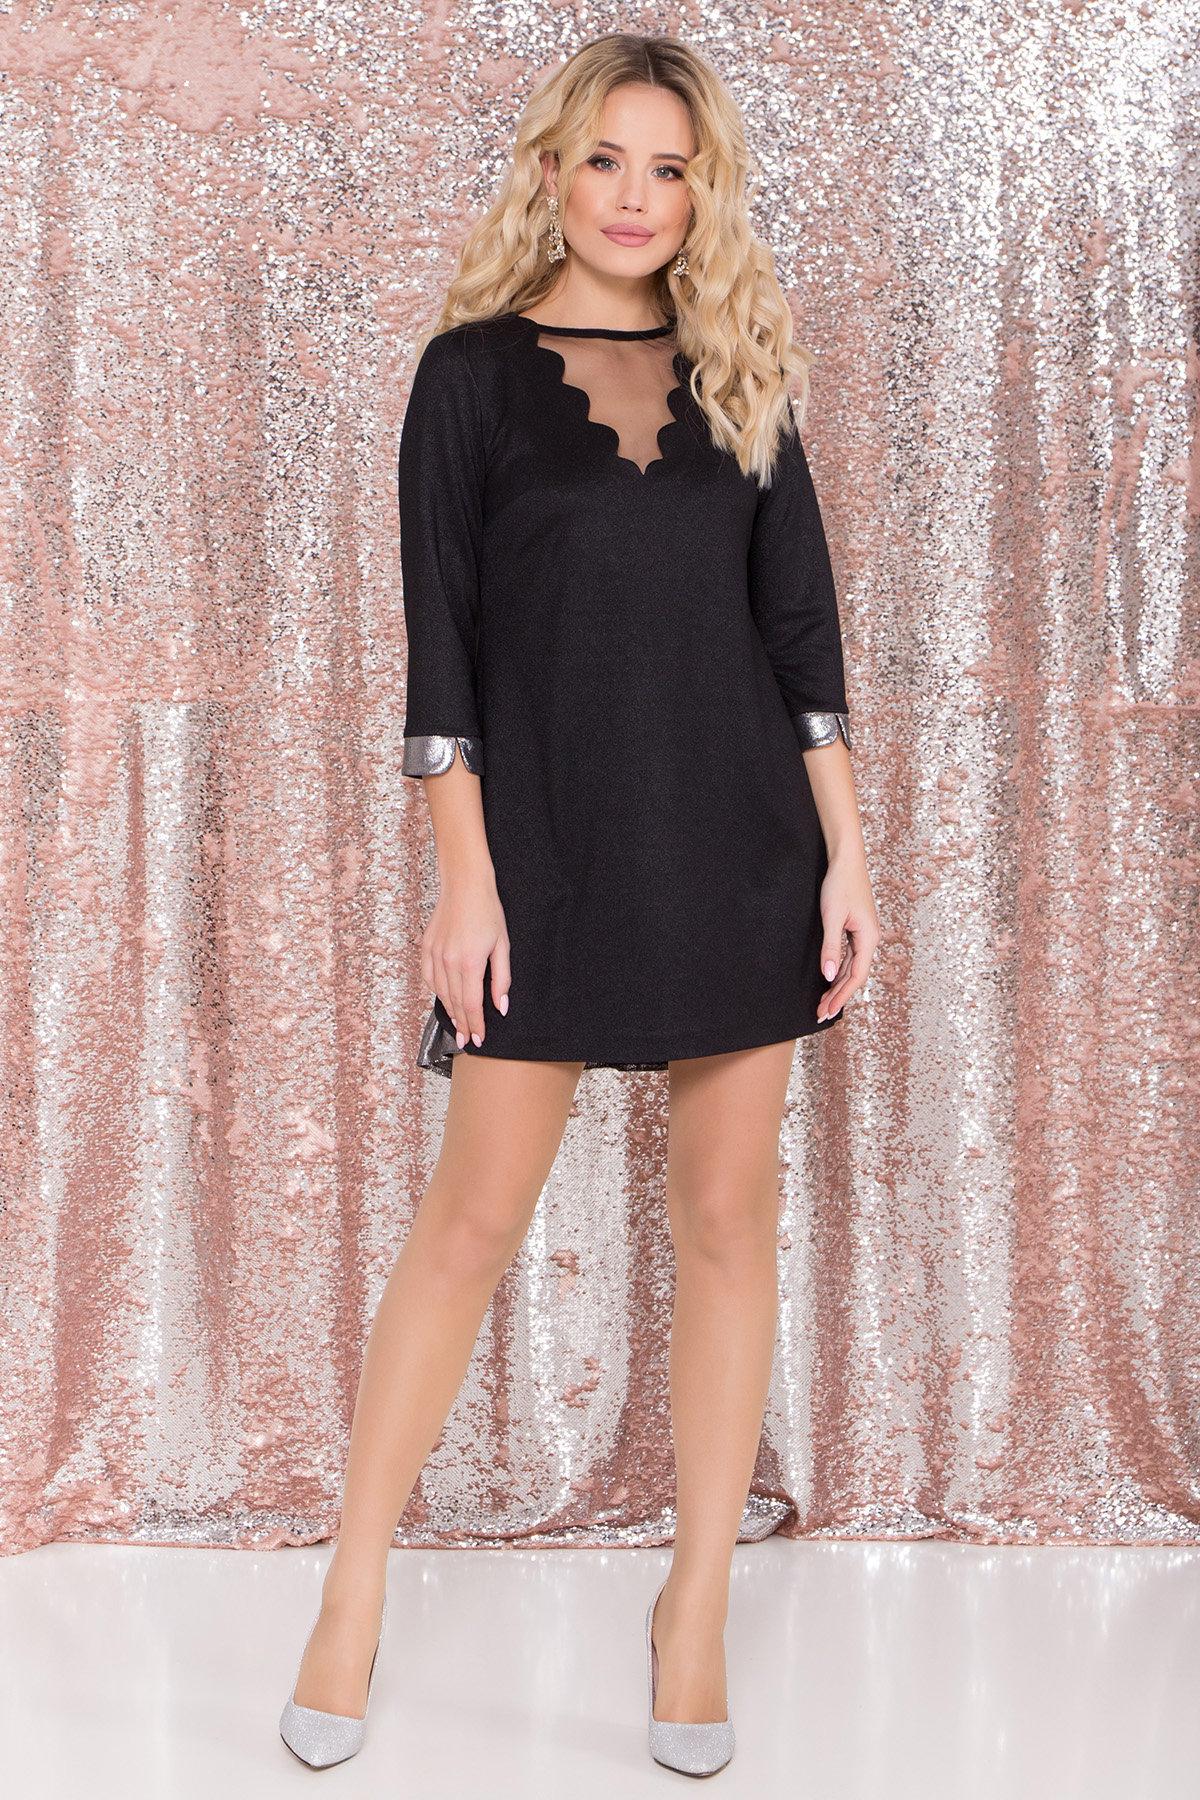 Купить платье в Харькове Платье трапеция с оригинальным кроем по спинке Анжелина 8661